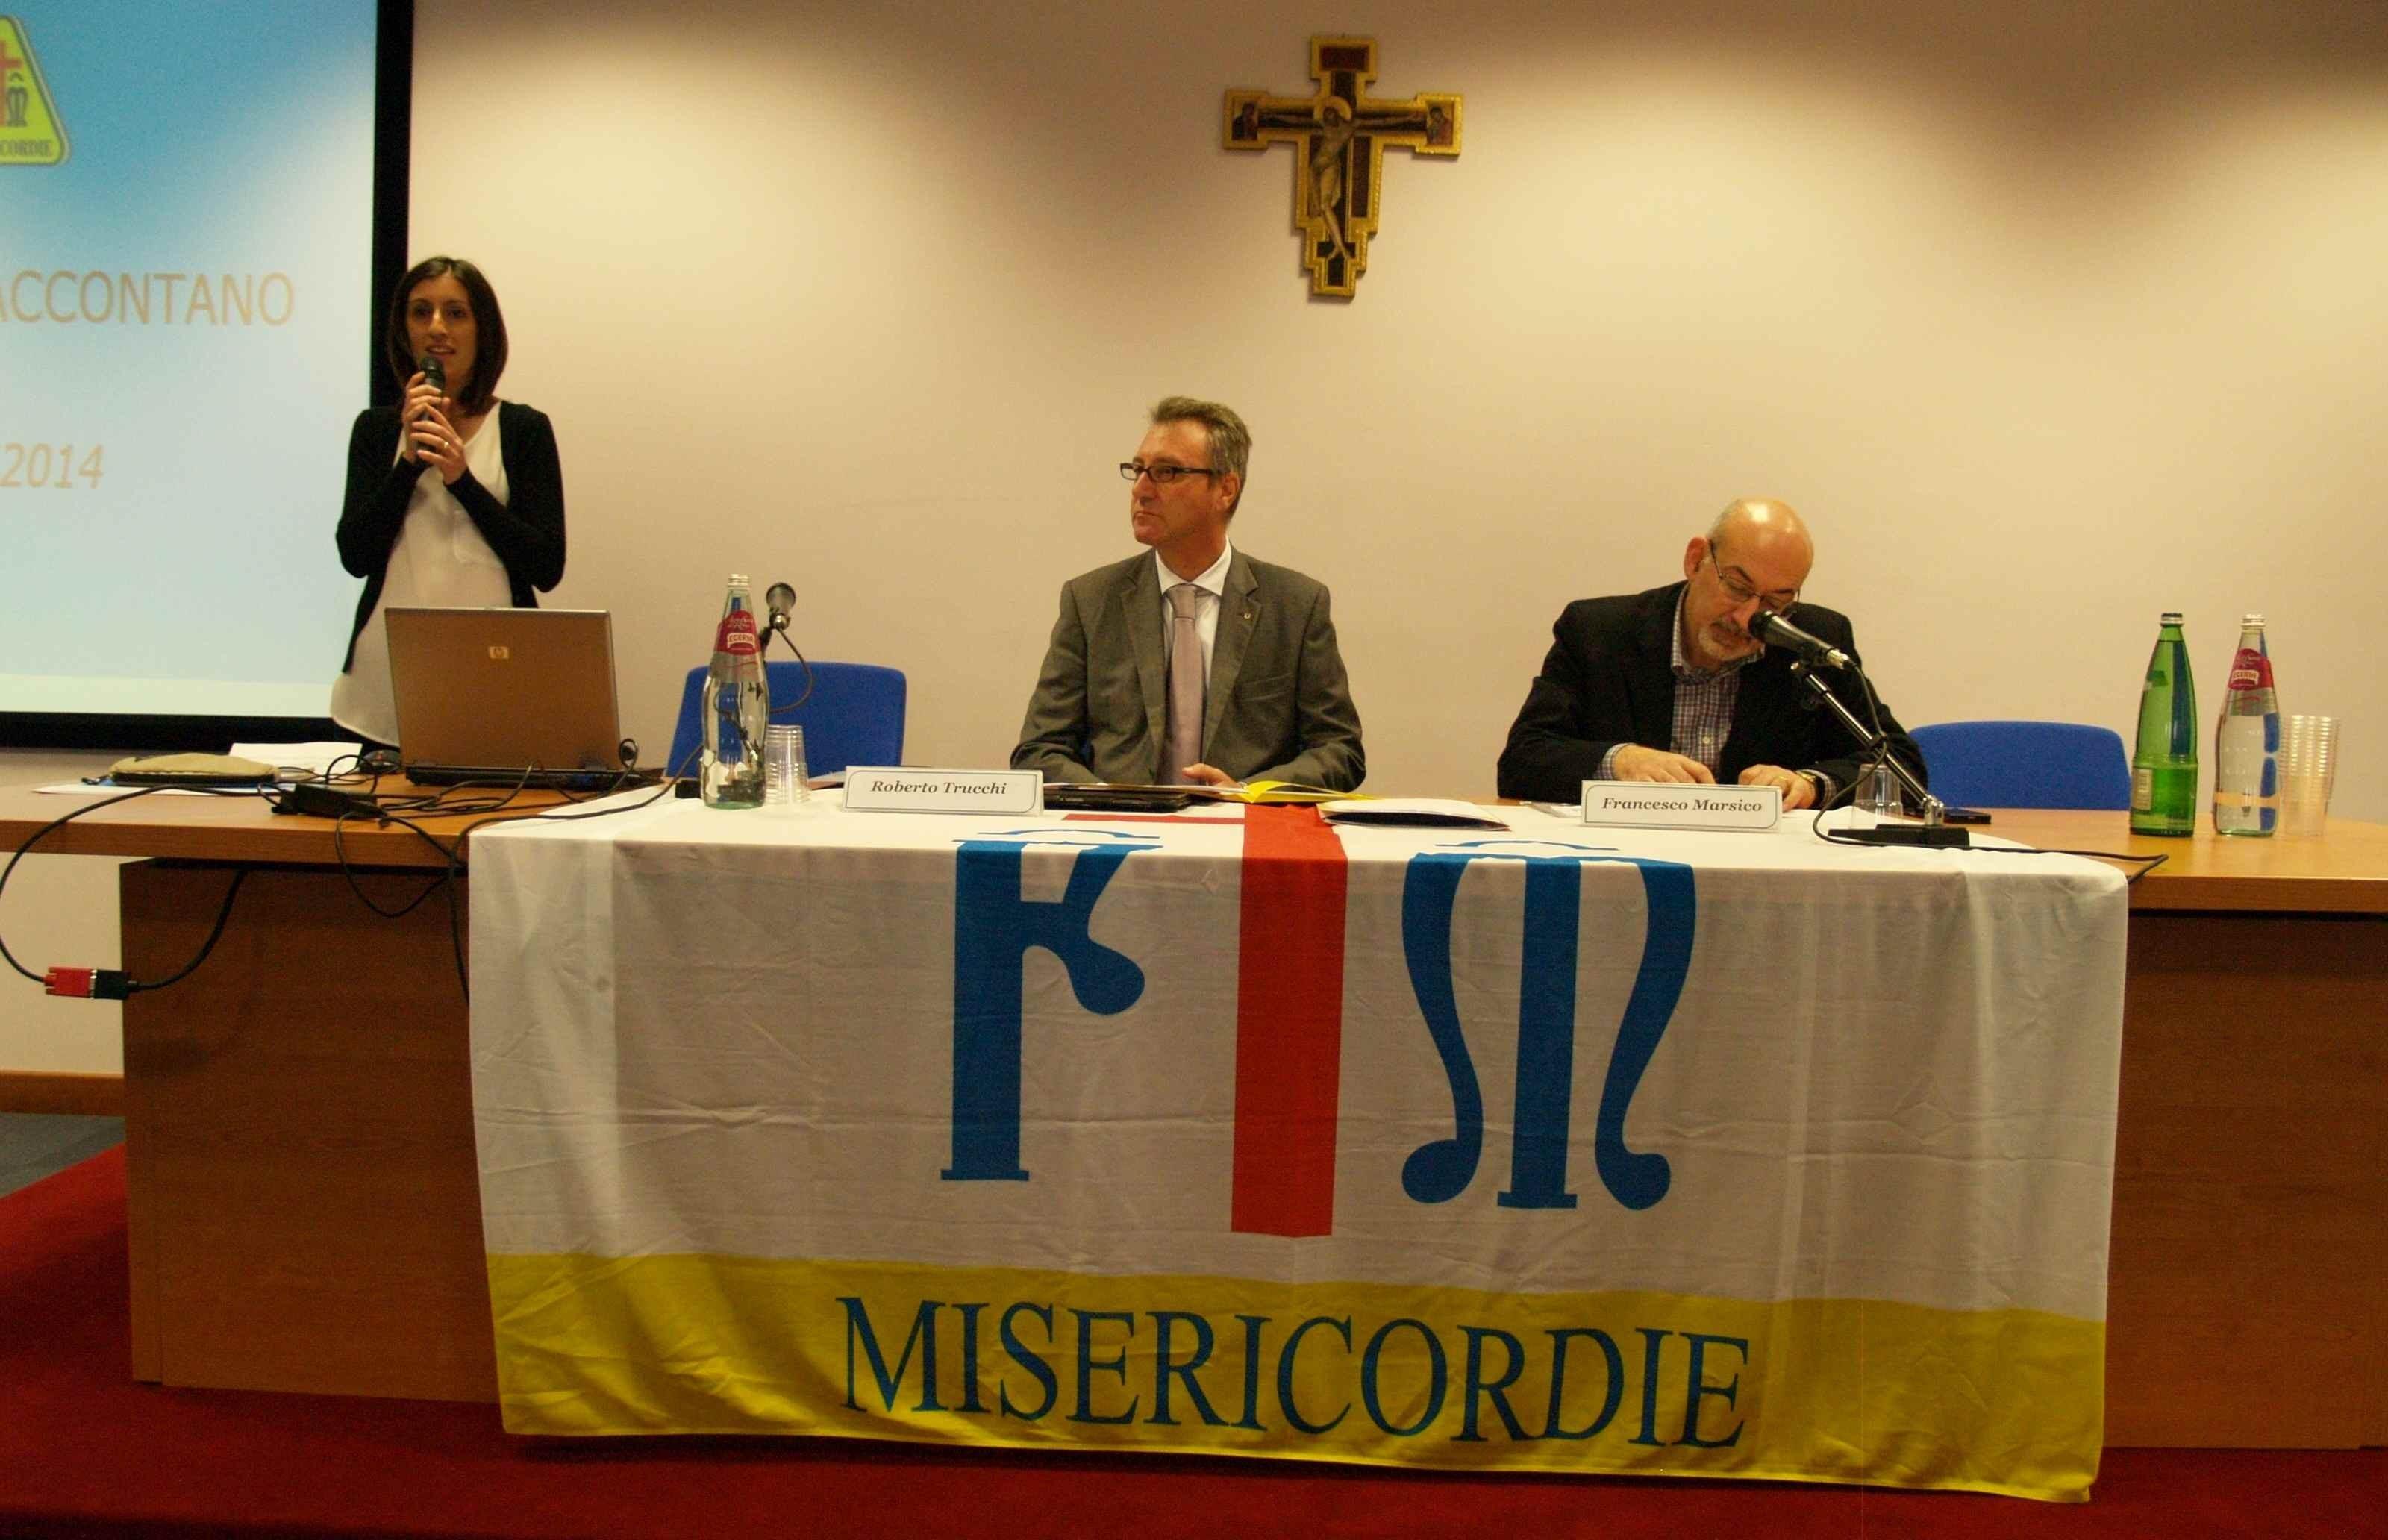 Le Misericordie si sono incontrate a Roma per raccontarsi